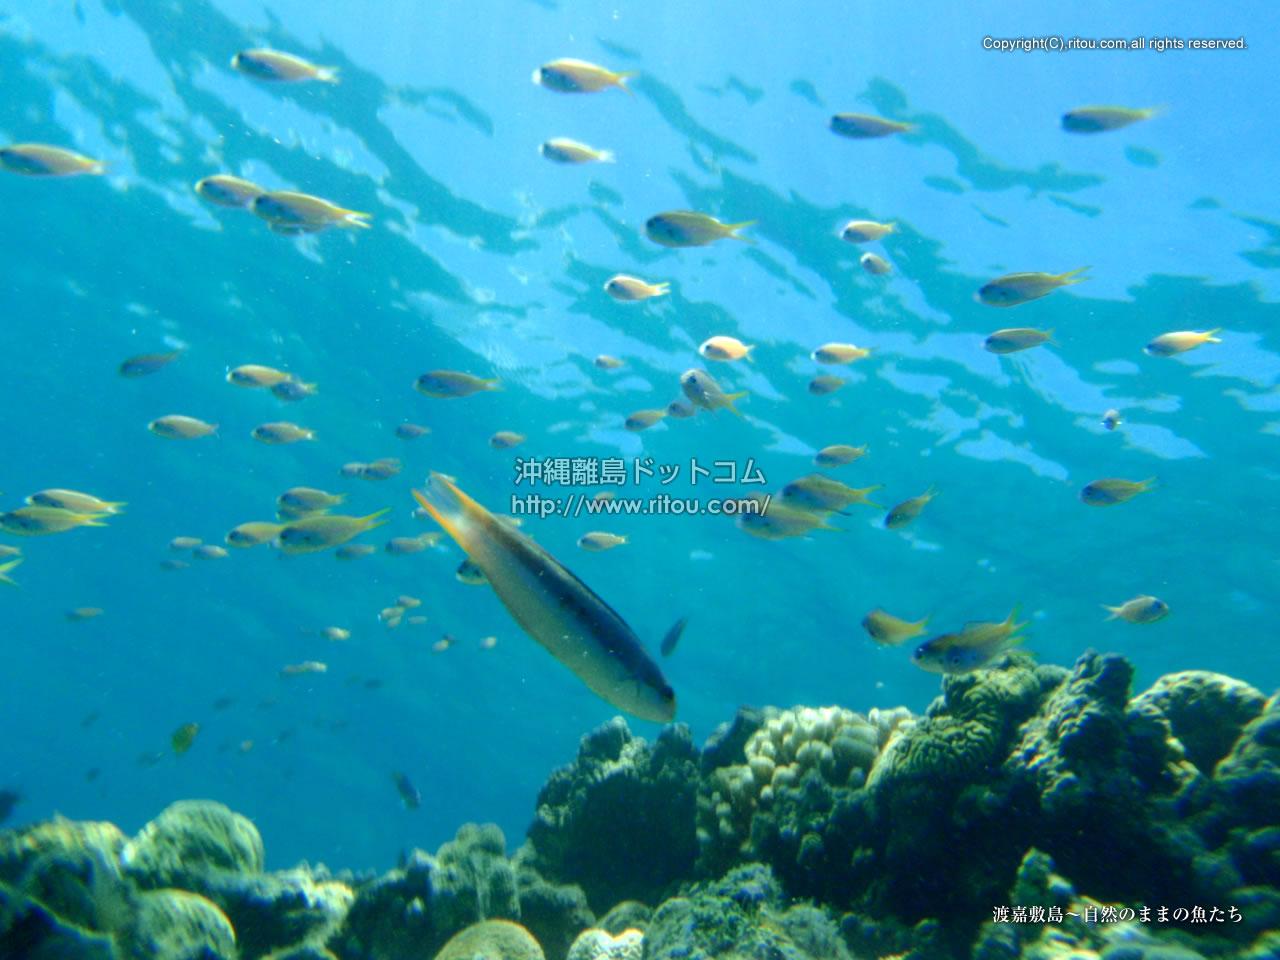 渡嘉敷島〜自然のままの魚たち